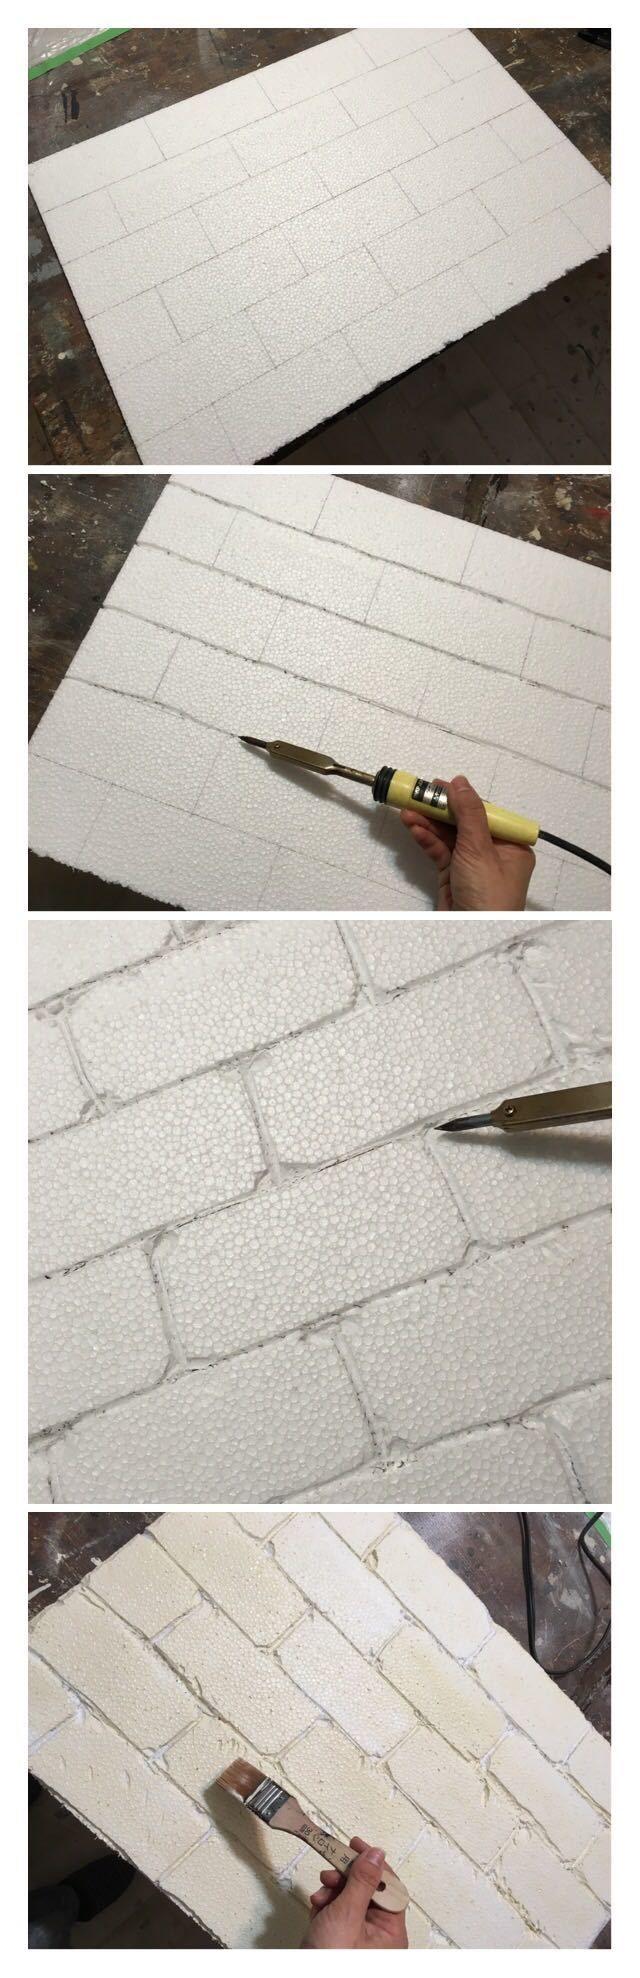 ヨーロッパ調のインテリアには欠かせない、レンガの壁。「憧れるけれど、自宅の壁にレンガを貼るのはちょっと勇気がいるし、しかも高価……。」そんな時は、発泡スチロールでレンガ風の壁を作ってみましょう。  今回は、プチプラな発泡スチロールを材料にして作る、レンガ風壁のDIYをご紹介します。